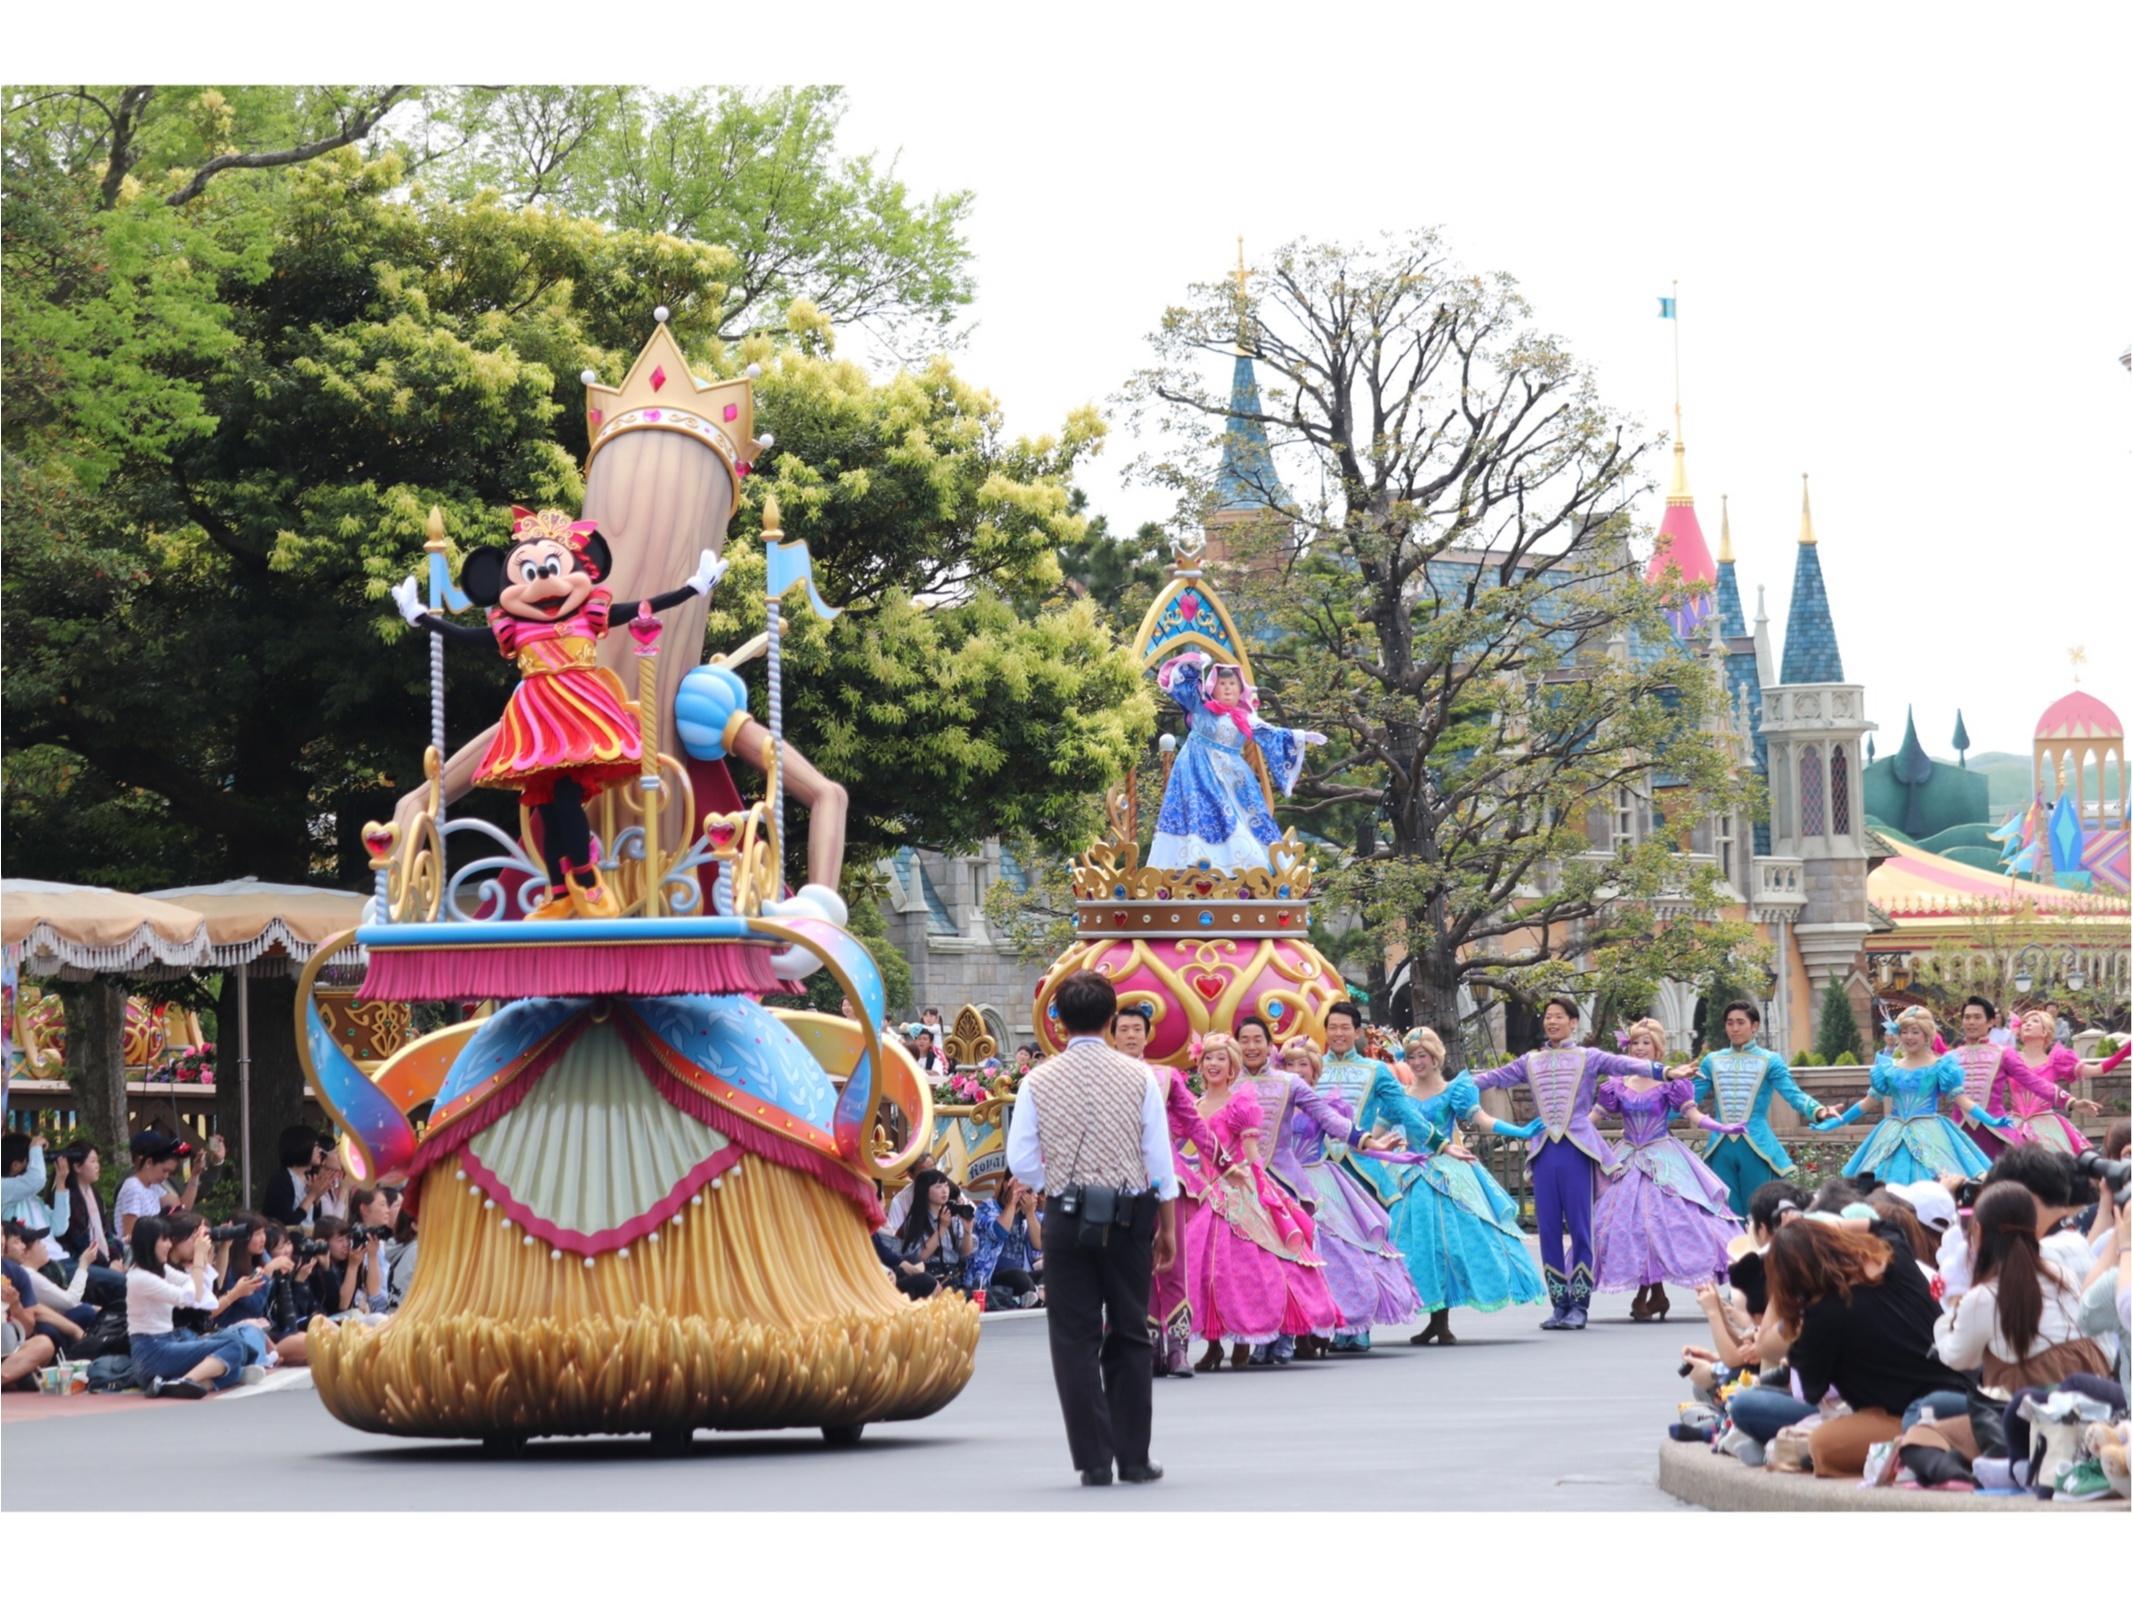 ▷【東京ディズニーランド35周年】Newパレード「ドリーミング・アップ!」がとにかく凄い!!_11